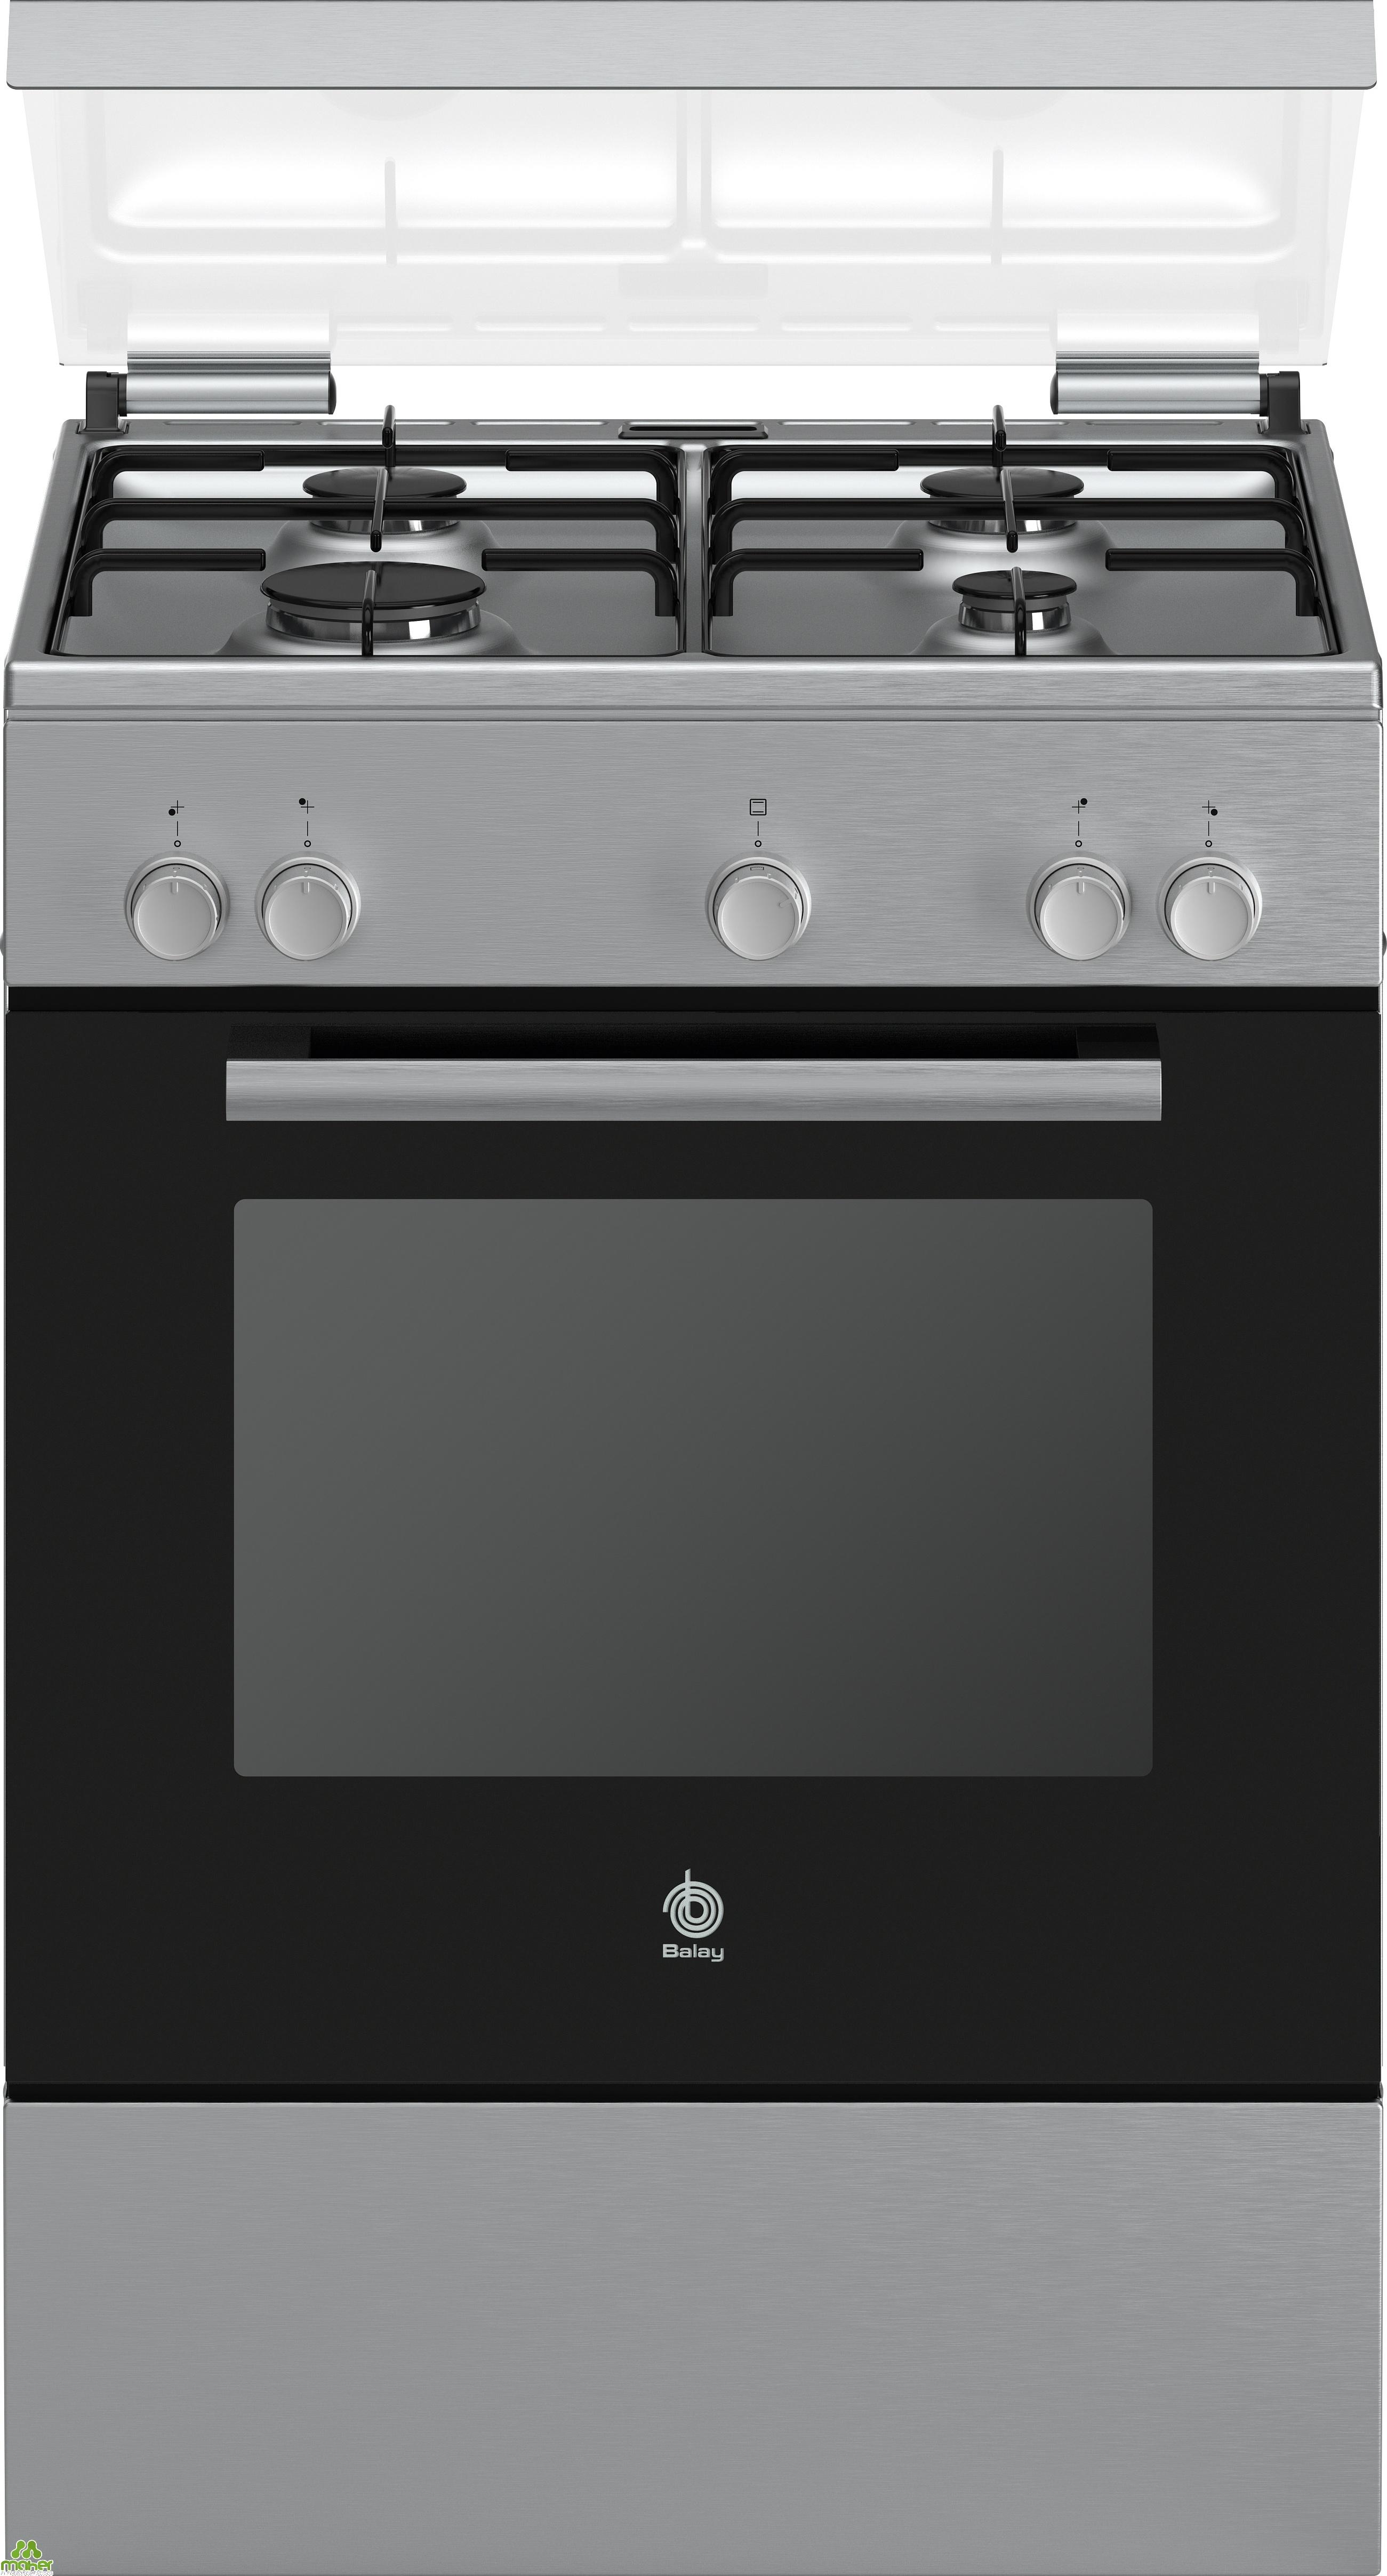 Cocina electrica vitroceramica blanca meireles e603w for Outlet cocinas a gas